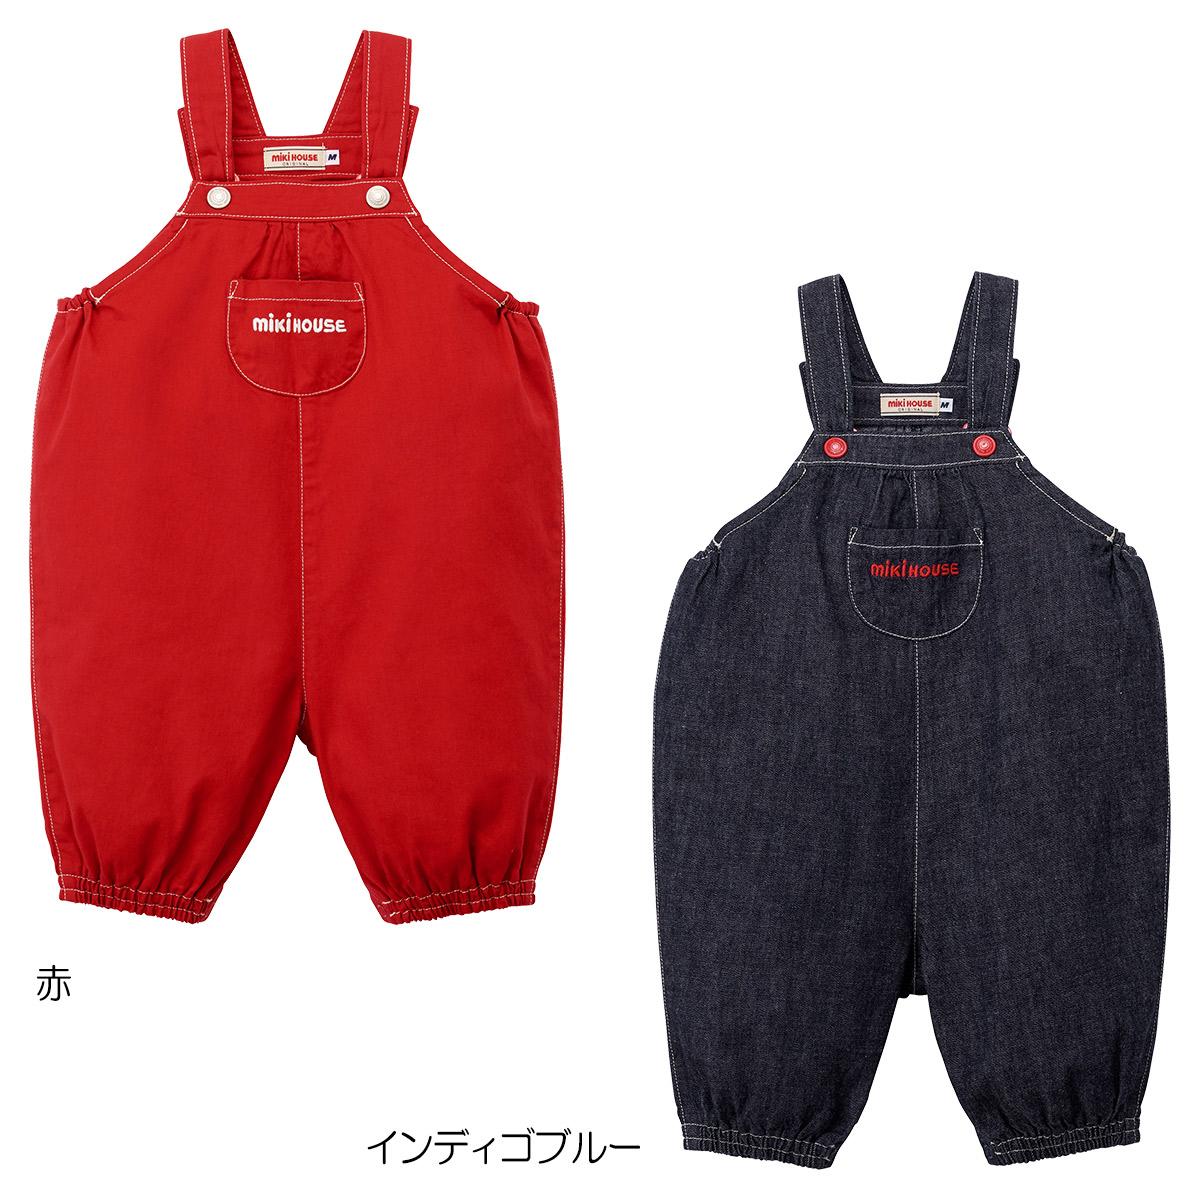 [mikihouse][ミキハウス]6分丈デニムオーバーオール〈S-M(70cm-90cm)〉